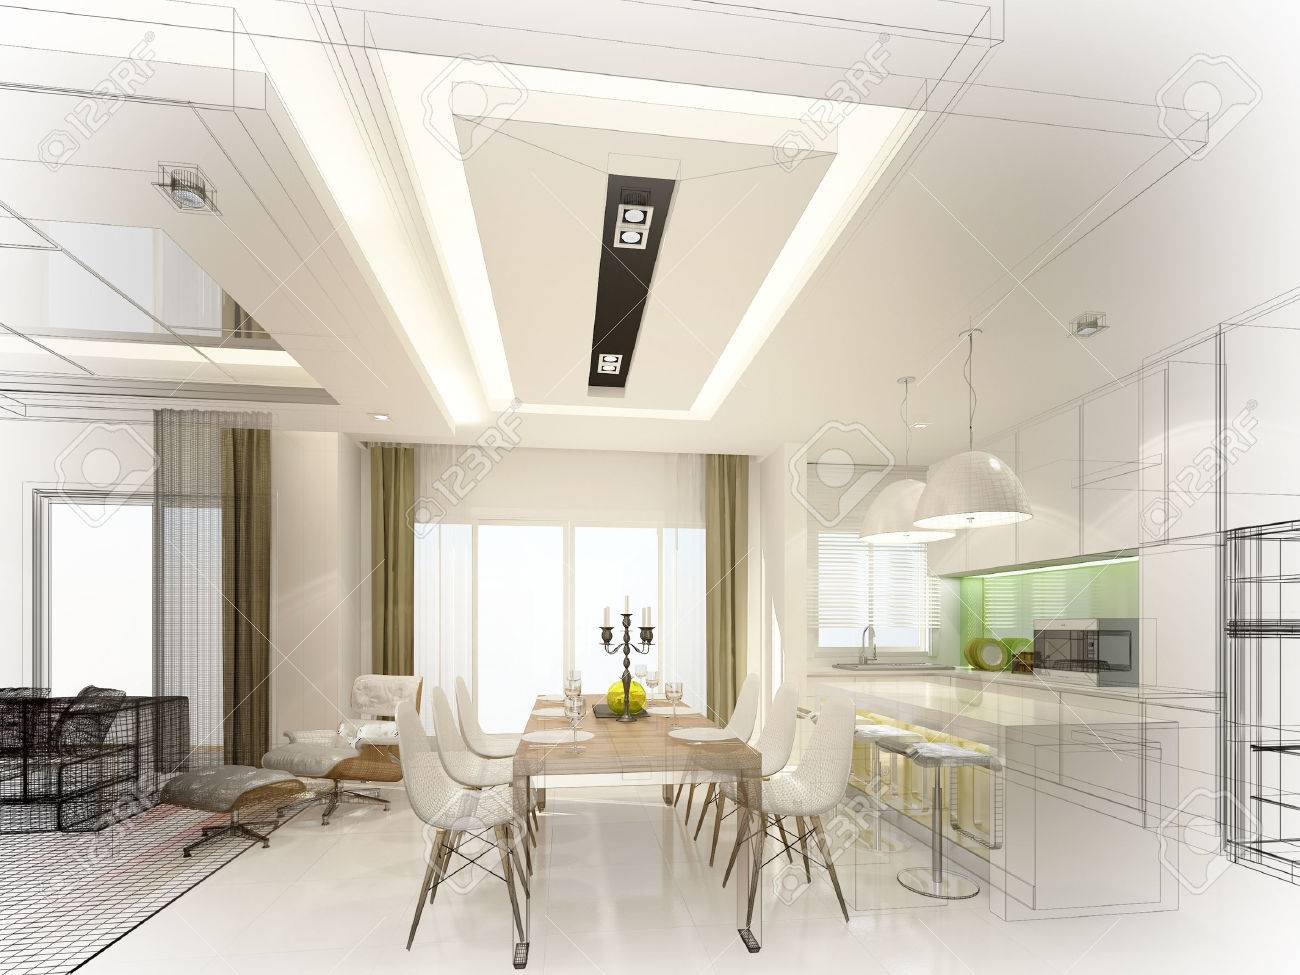 Diseño De Dibujo Abstracto De Comedor Interior Y Cocina, 3d Fotos ...